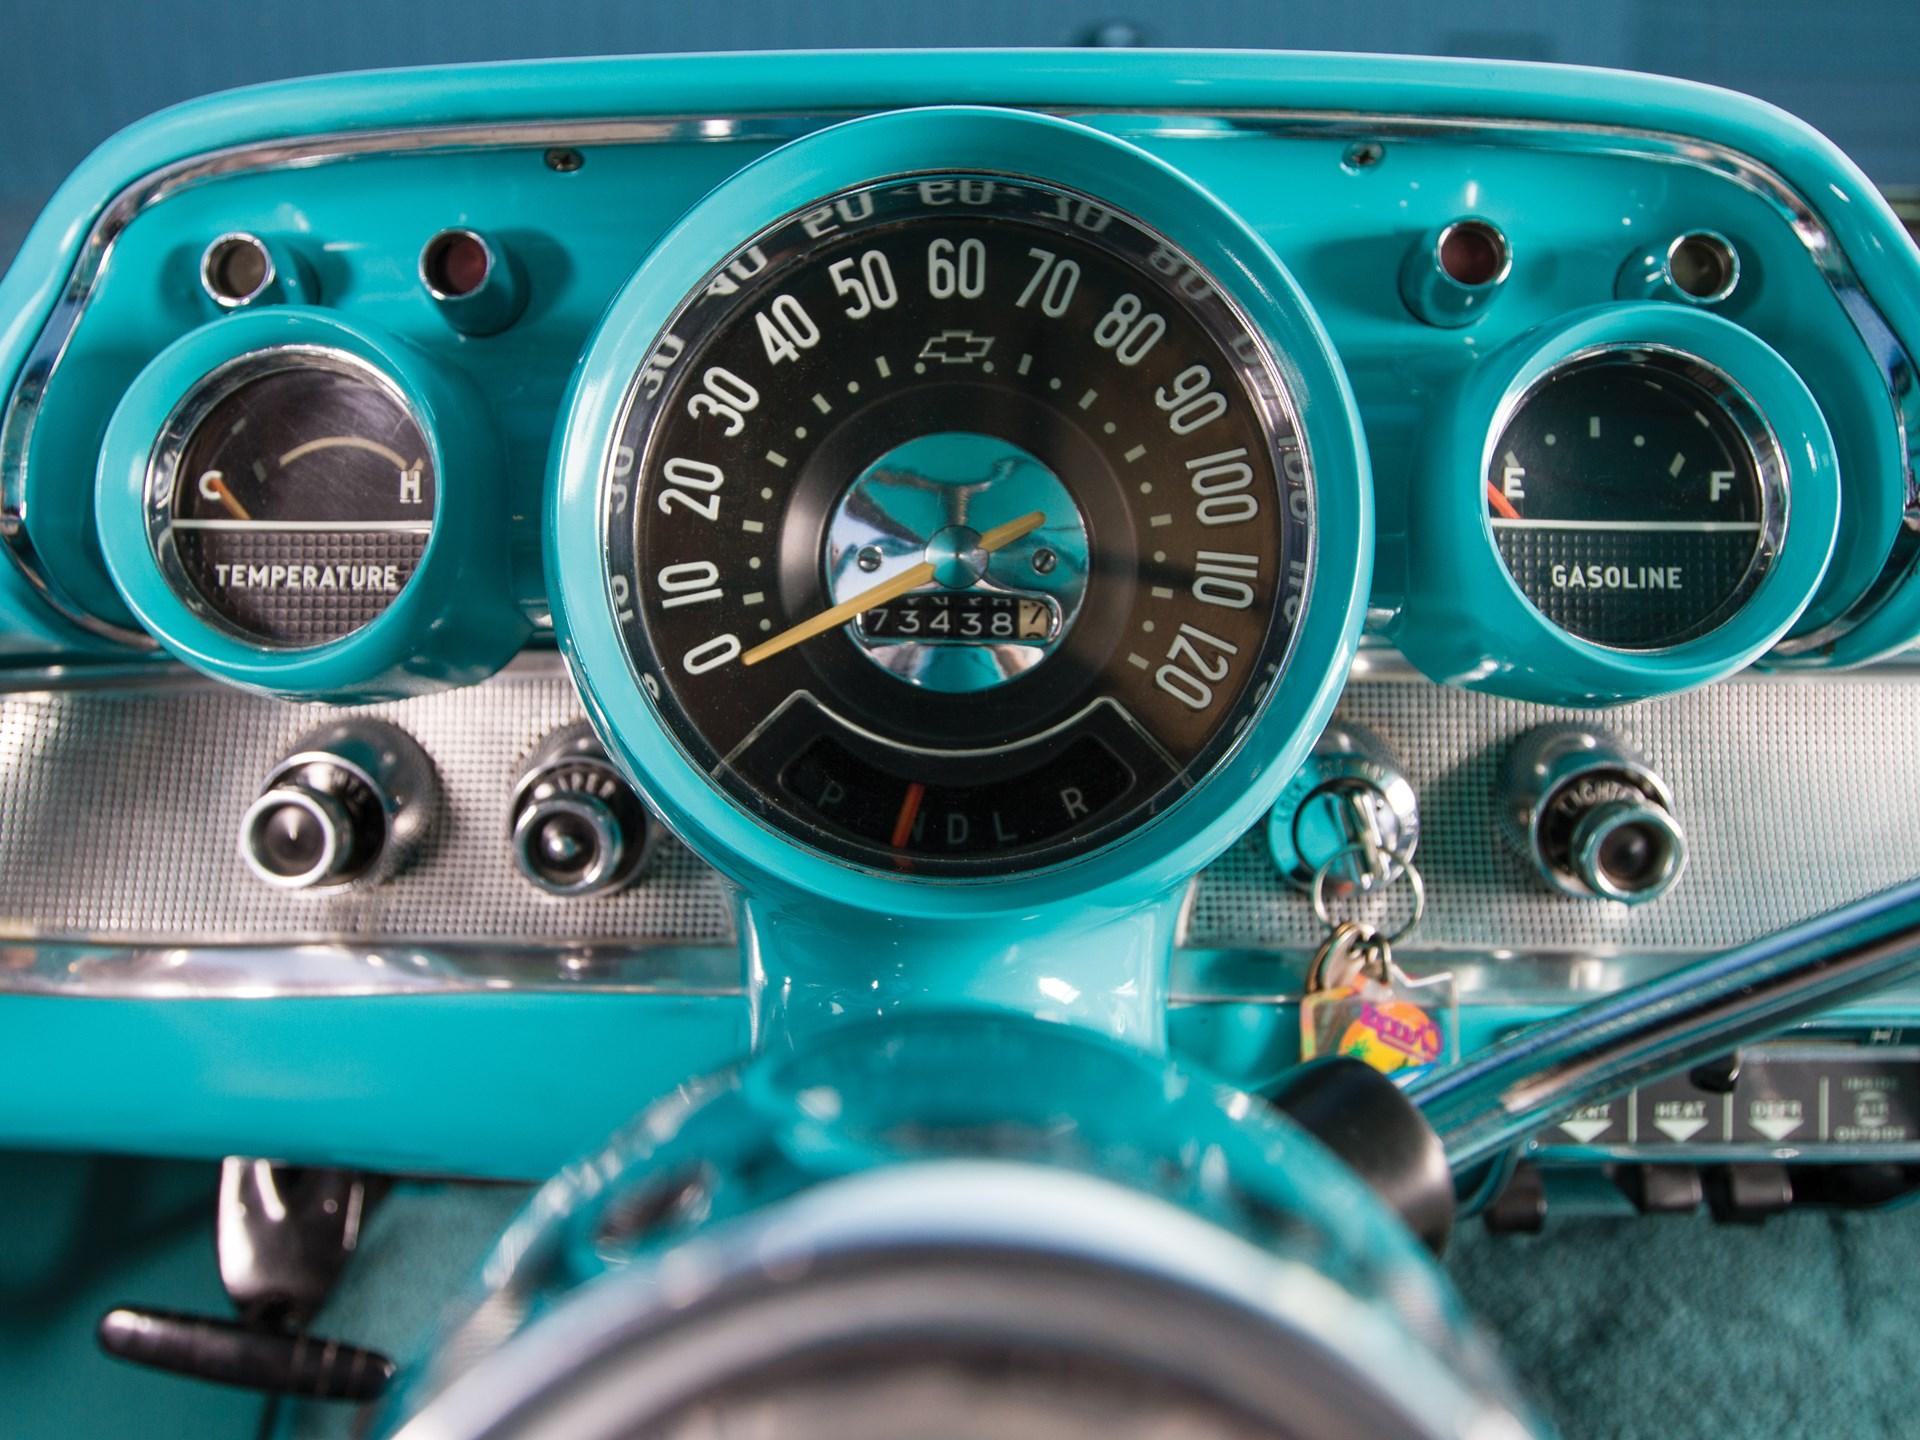 1957 Chevrolet Bel Air Nomad gauges